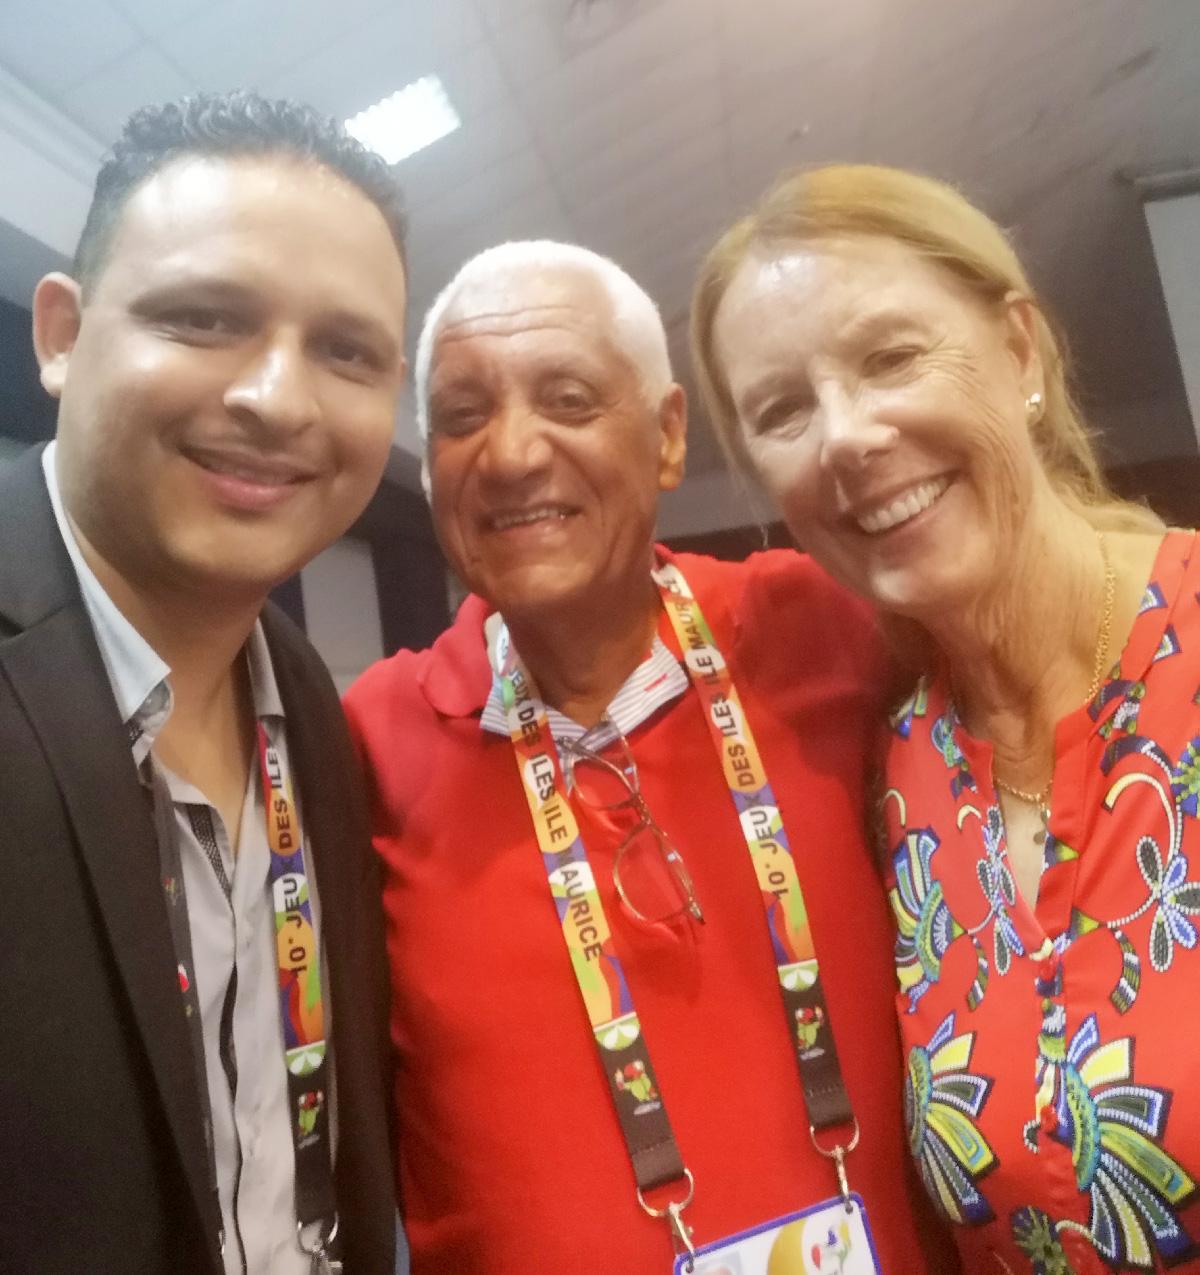 Johan Guillou (Basket), Jean-Claude Prianon, président de la LRA, et Véronique Lagourgue, responsable de la délégation de La Réunion